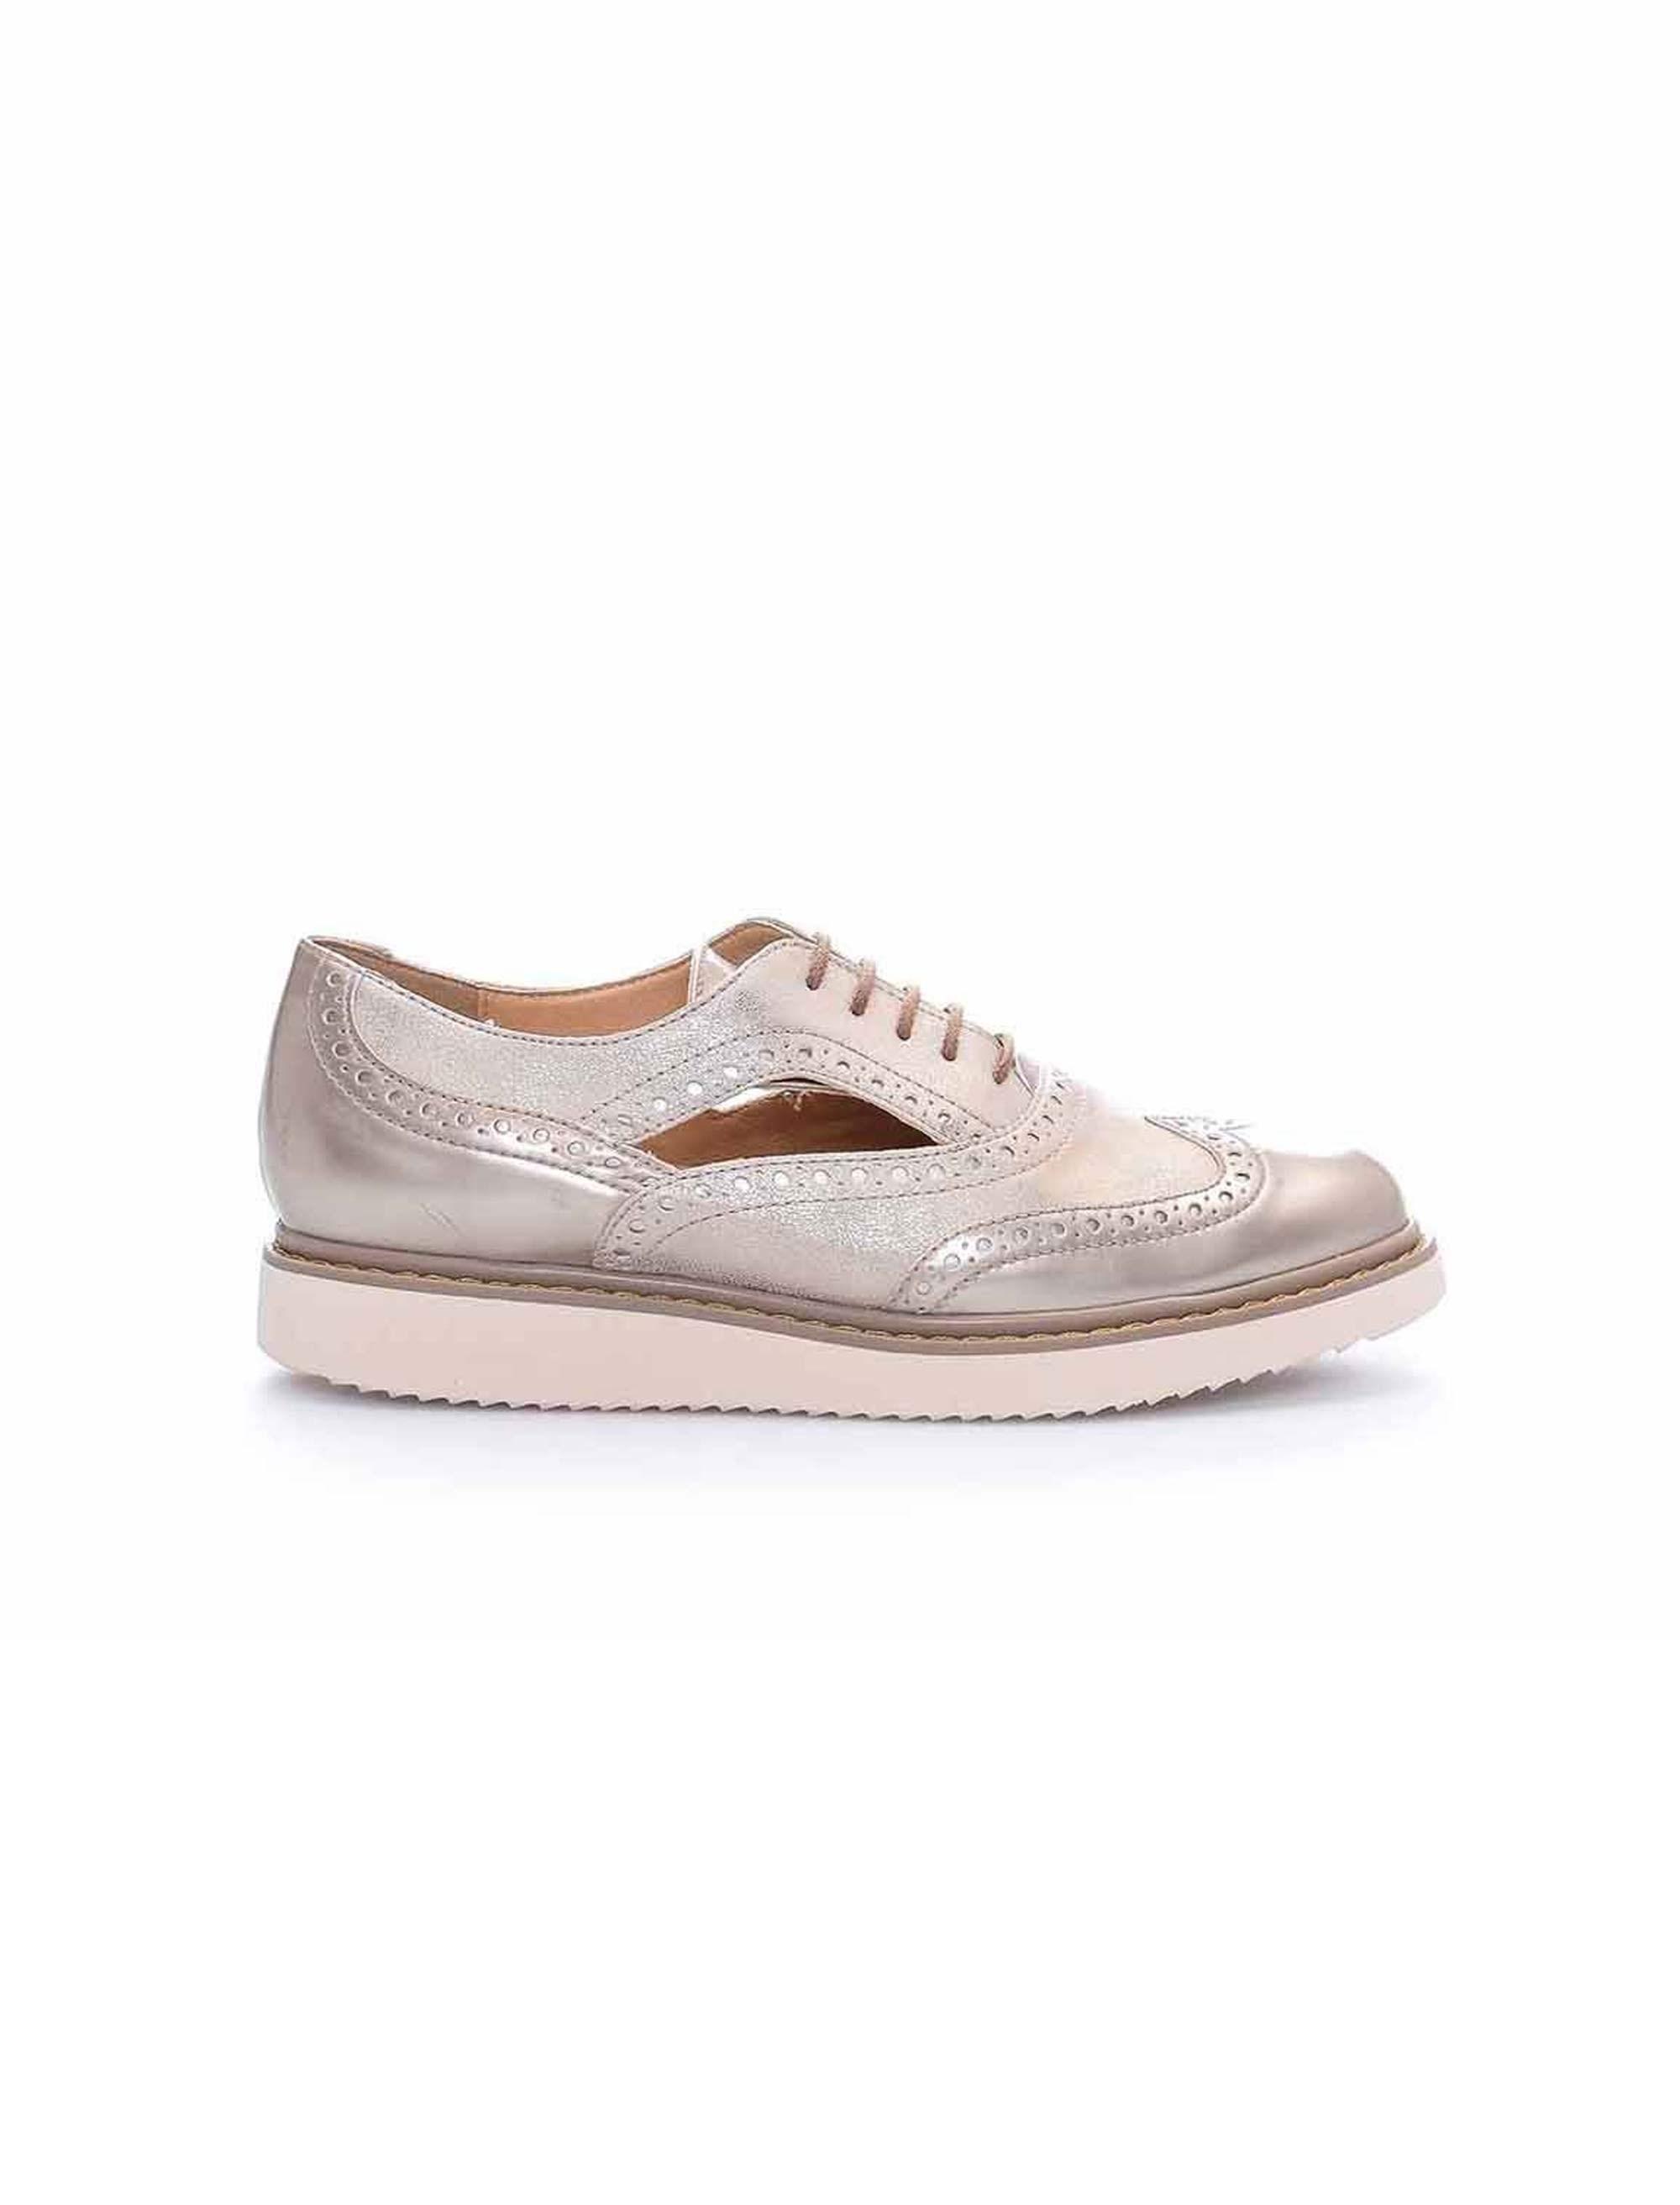 قیمت کفش تخت زنانه D Thymar - جی اوکس